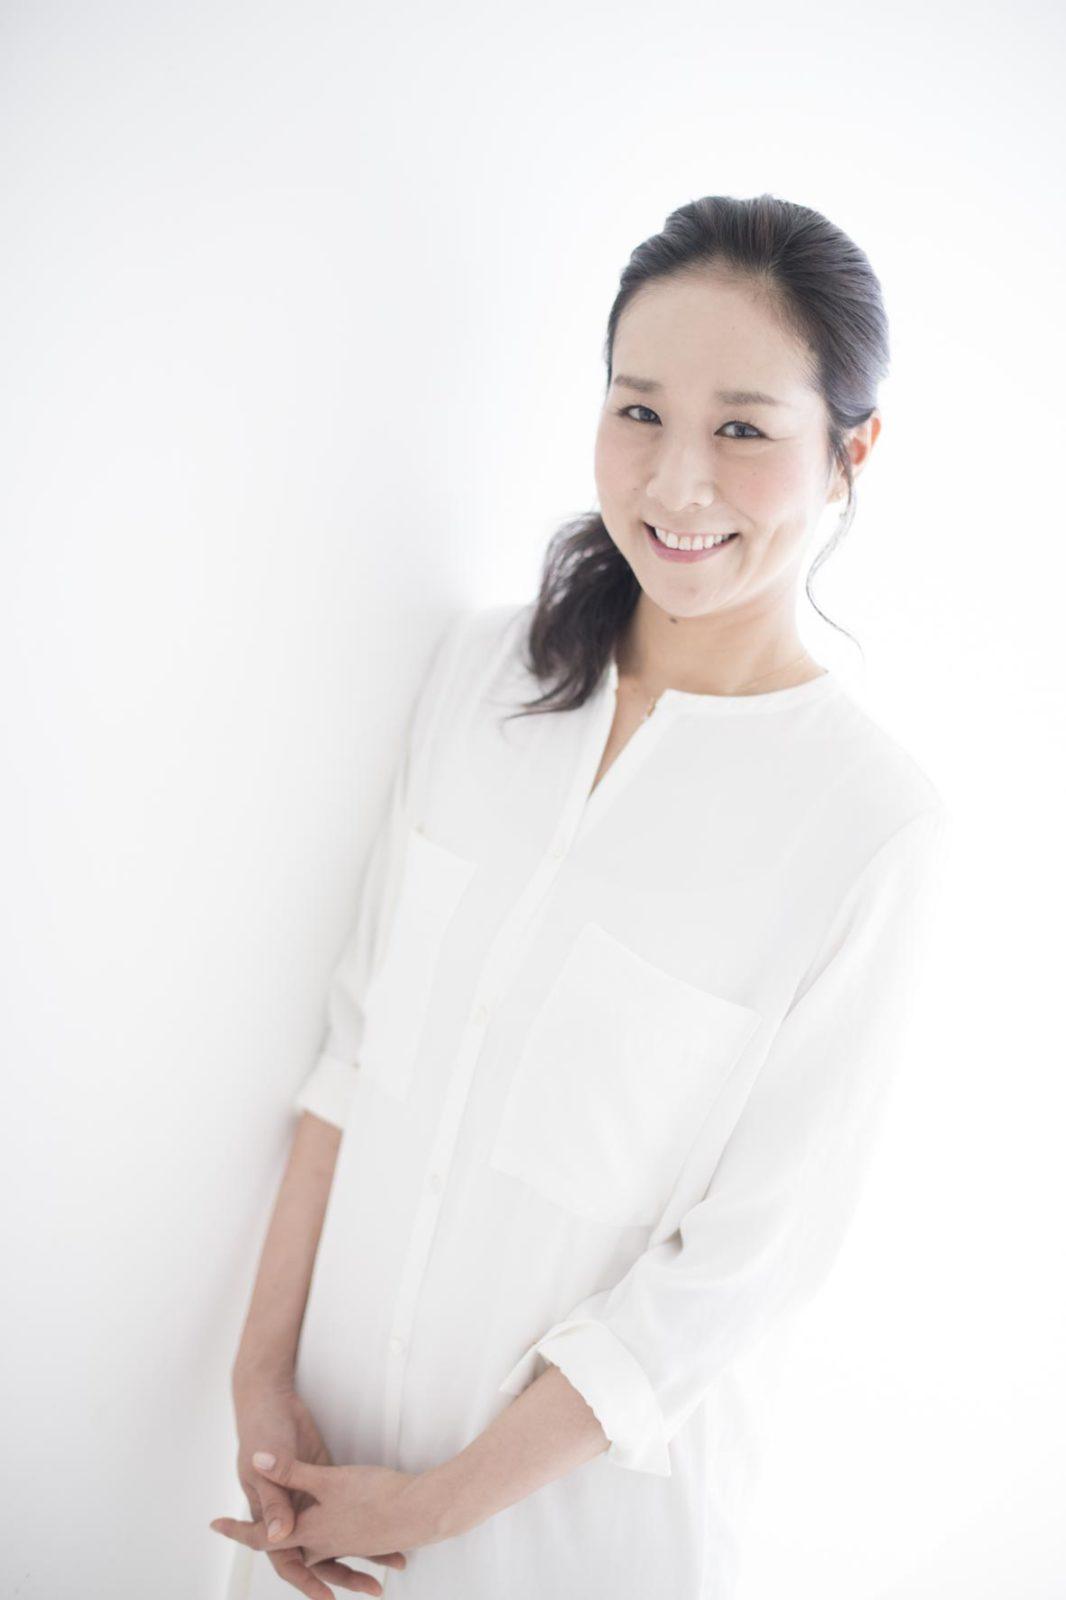 元東京パフォーマンスドール・大藤史、12年ぶりのニューアルバム『shizuku』発売決定サムネイル画像